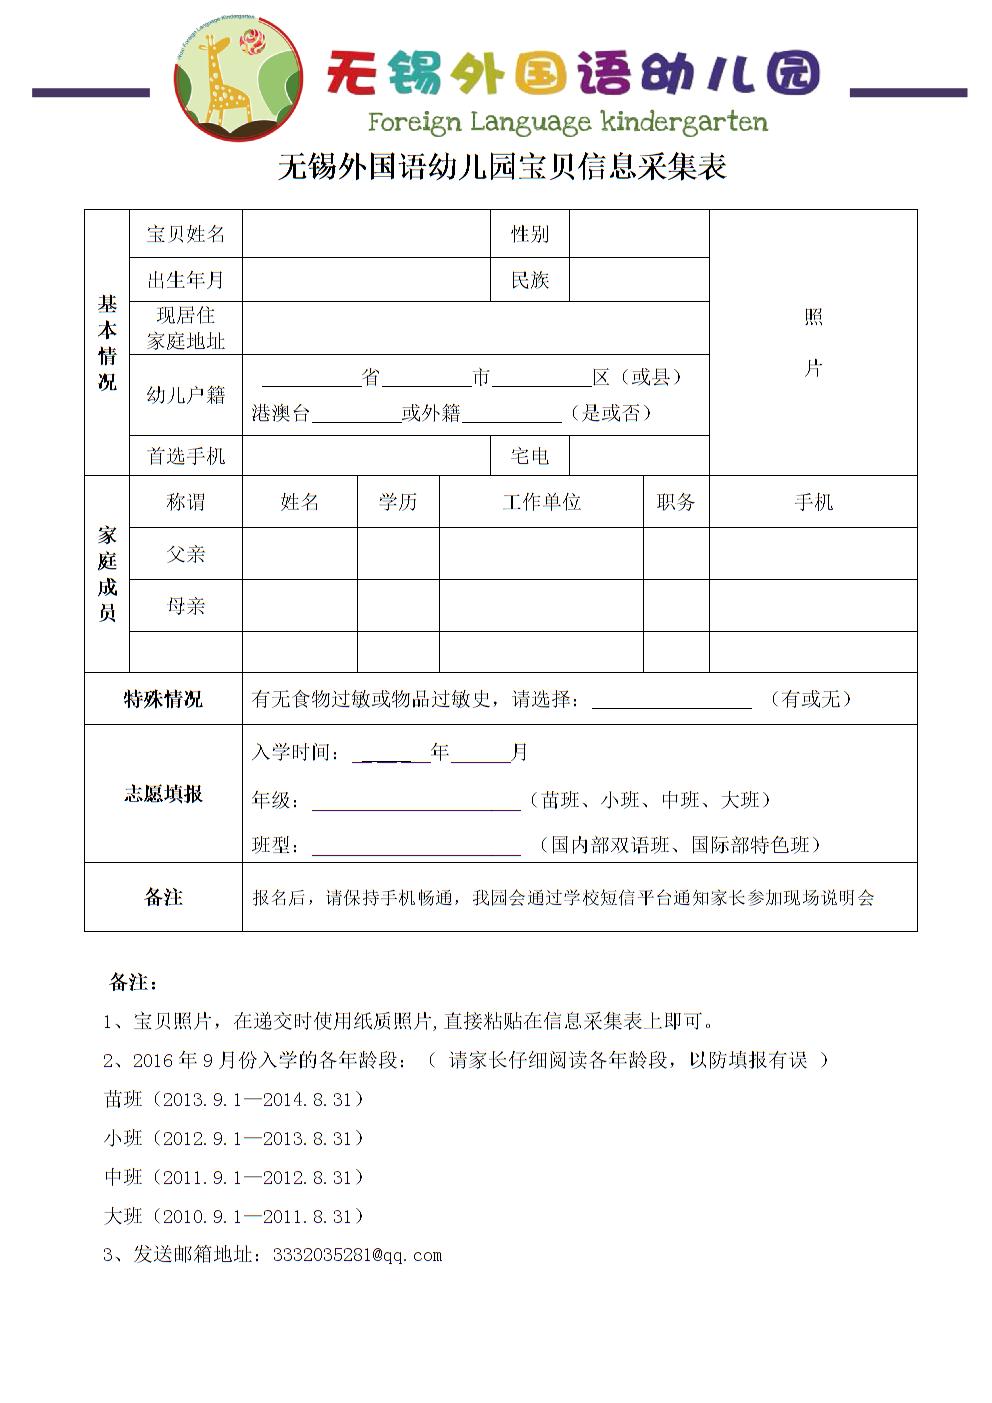 无锡外国语幼儿园宝贝信息采集表格.doc